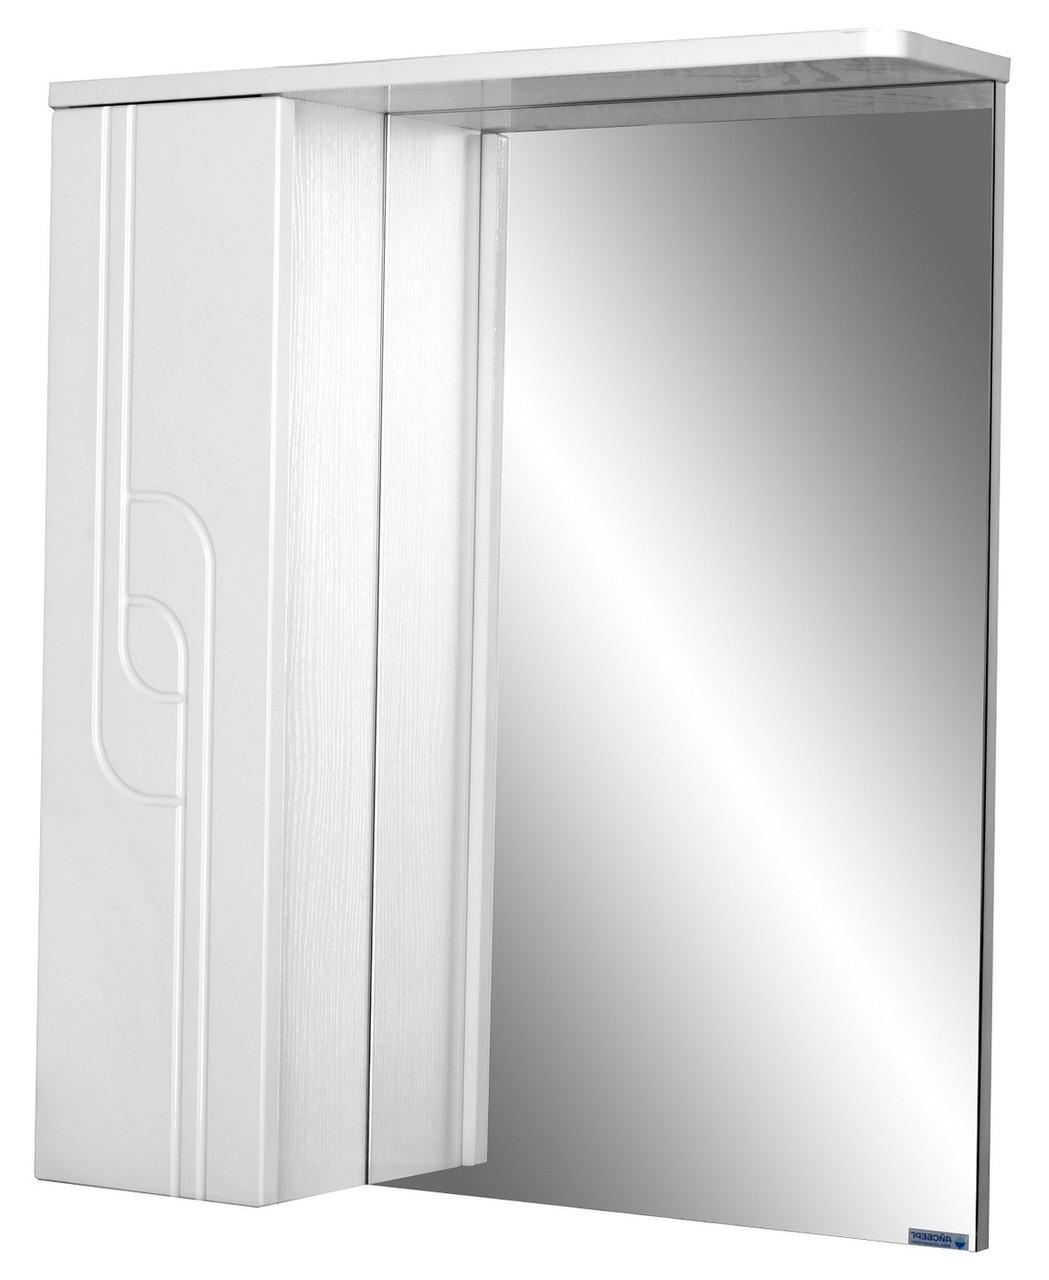 Шкаф-зеркало Лилия 55 левый АЙСБЕРГ